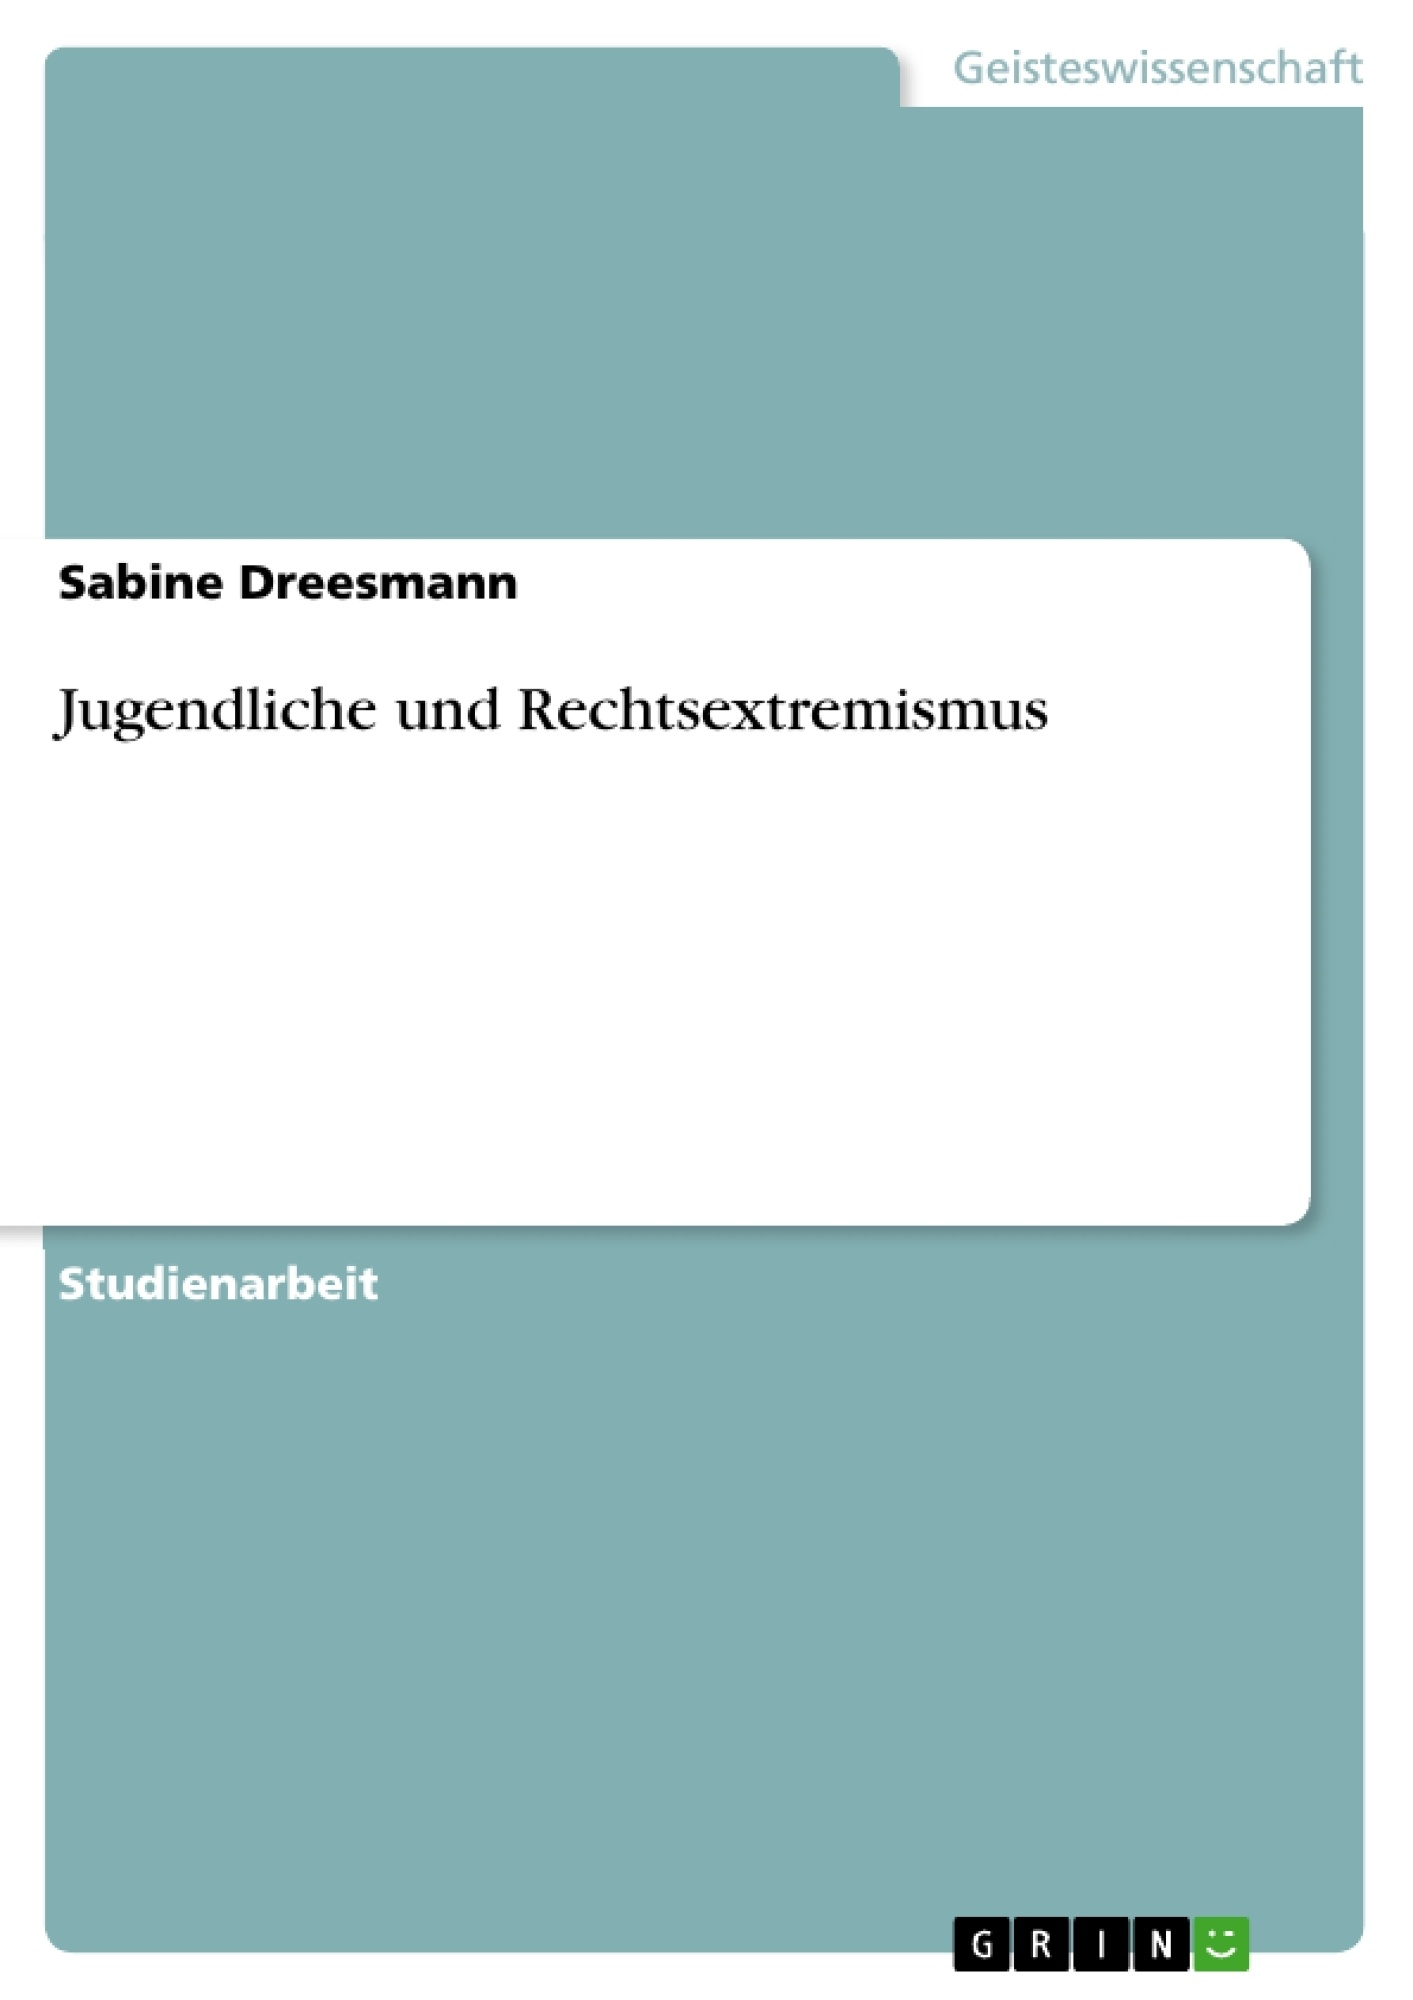 Titel: Jugendliche und Rechtsextremismus